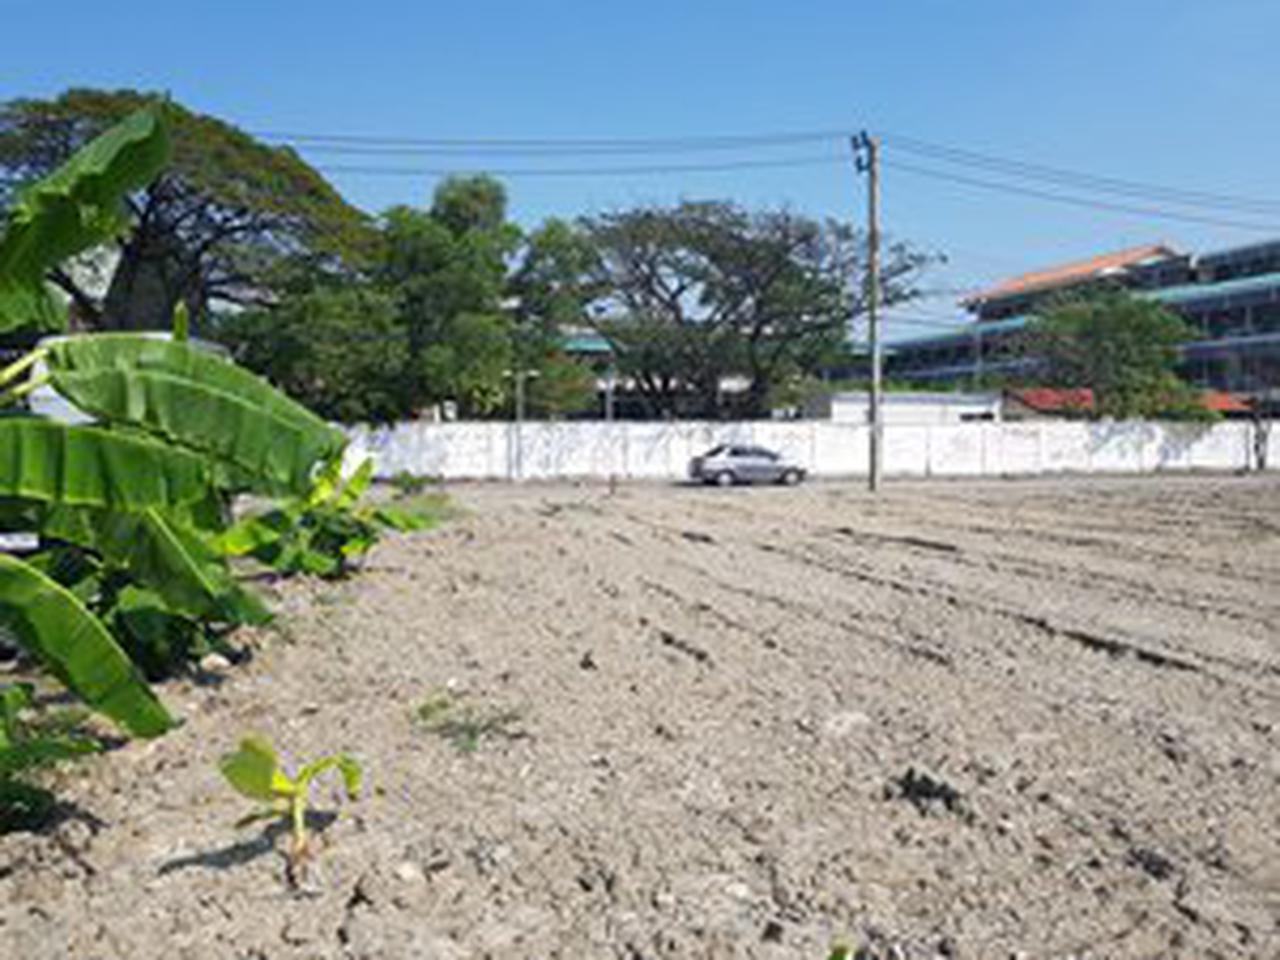 ที่ดินเปล่าถมแล้วให้เช่าในถนนนวมินทร์ กรุงเทพมหานคร รูปที่ 2